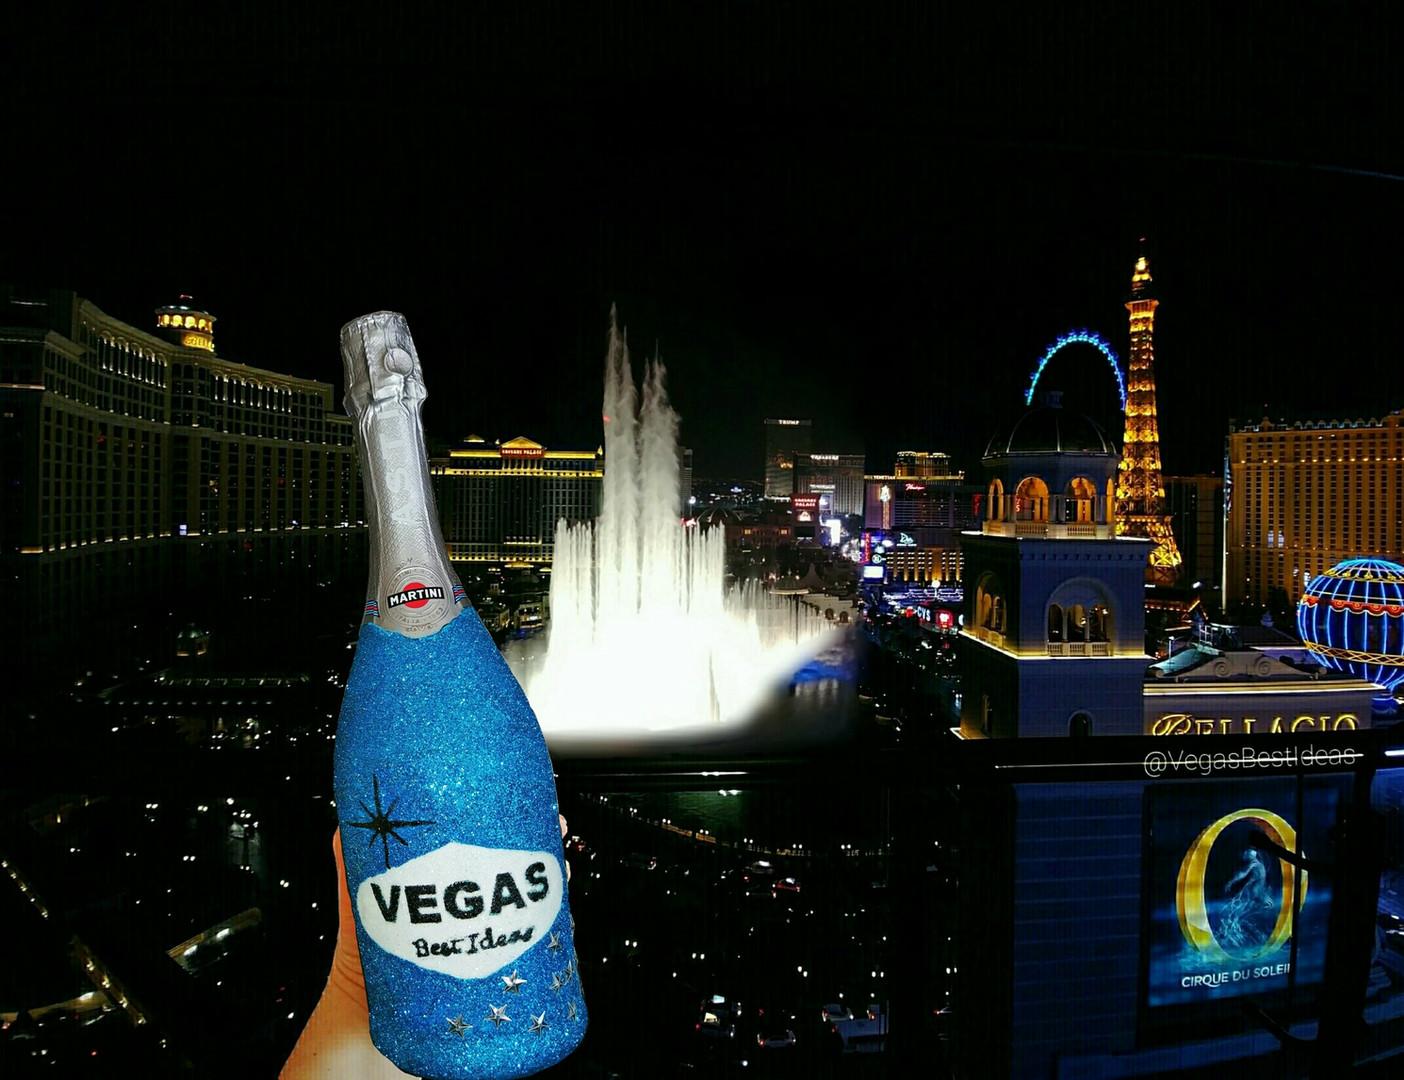 Vegas Best Ideas Bottle Far 2 VERY BEST.